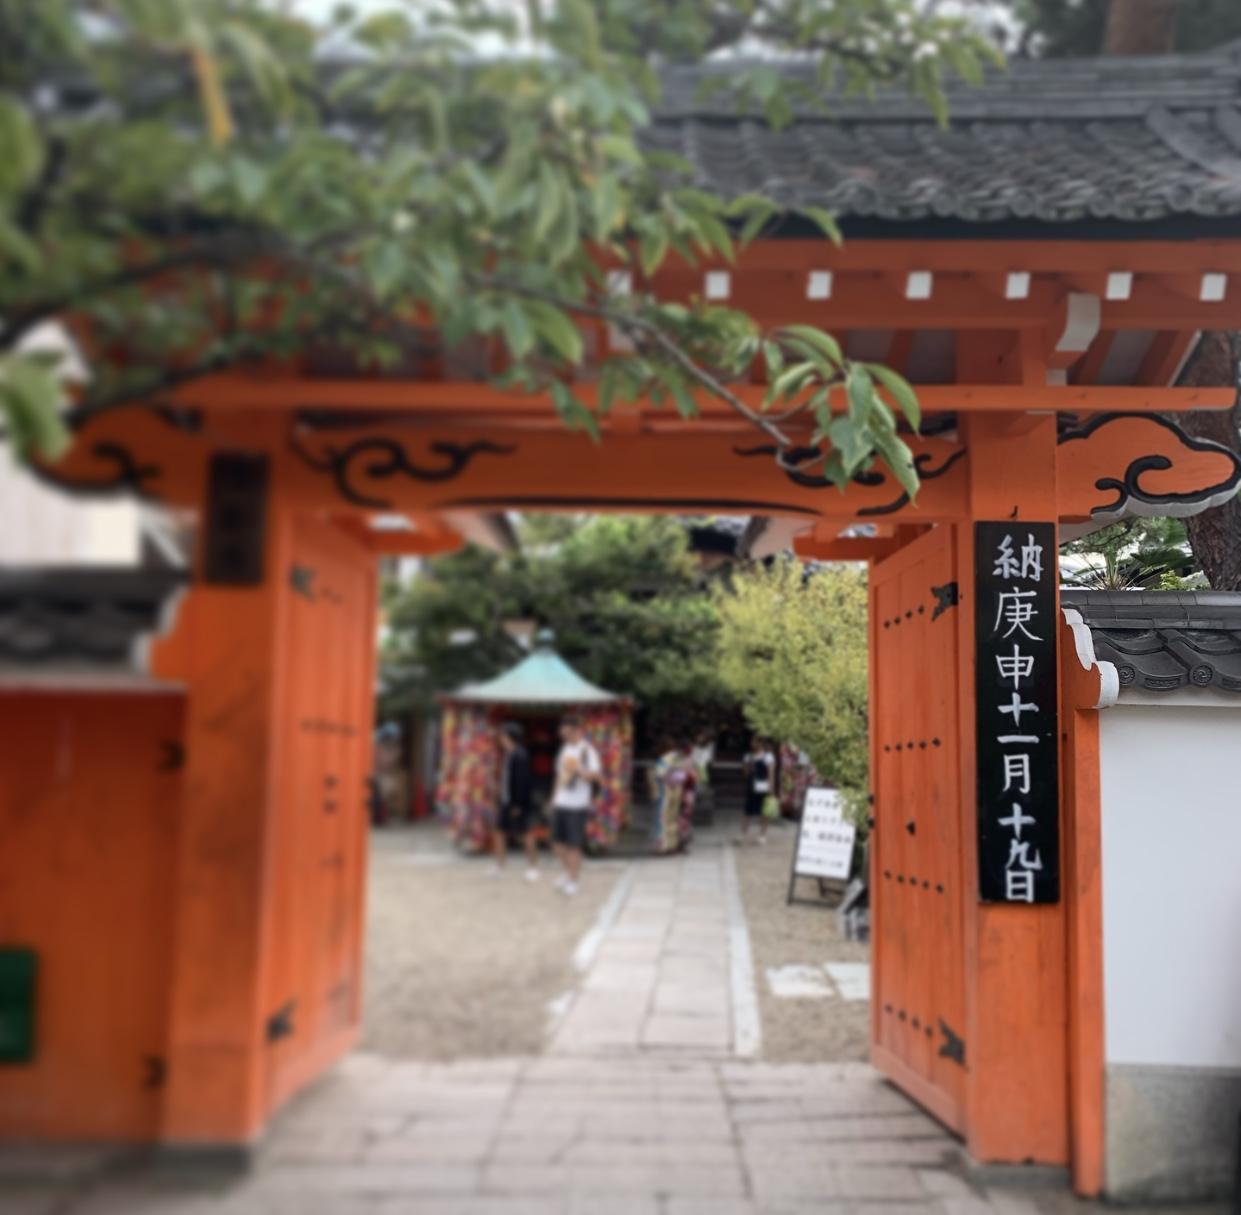 【京都】神社巡り✩*॰SNSの映えスポット!?カラフルなくくり猿に願いを込めて♡_3